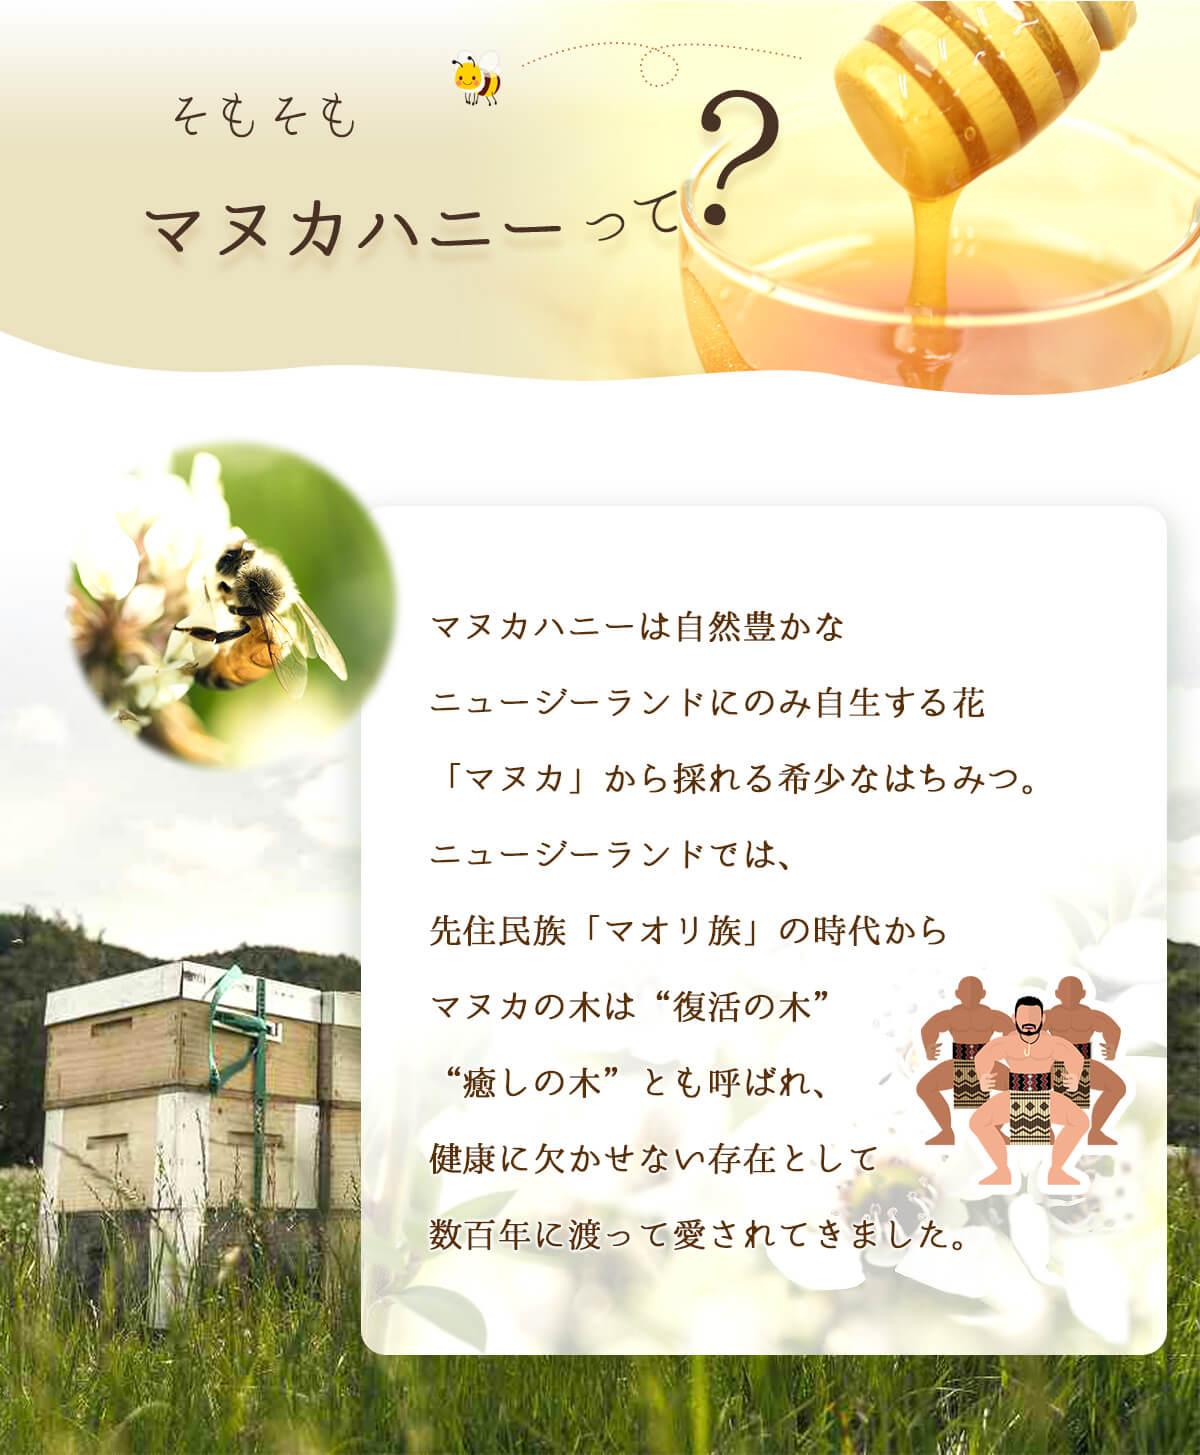 マヌカハニーUMF10+ 携帯用 2種類:スナップ(5g)、サシェット(10g)  ネコポス便 送料無料 ニュージーランド はちみつ 蜂蜜 ハチミツ マヌカ